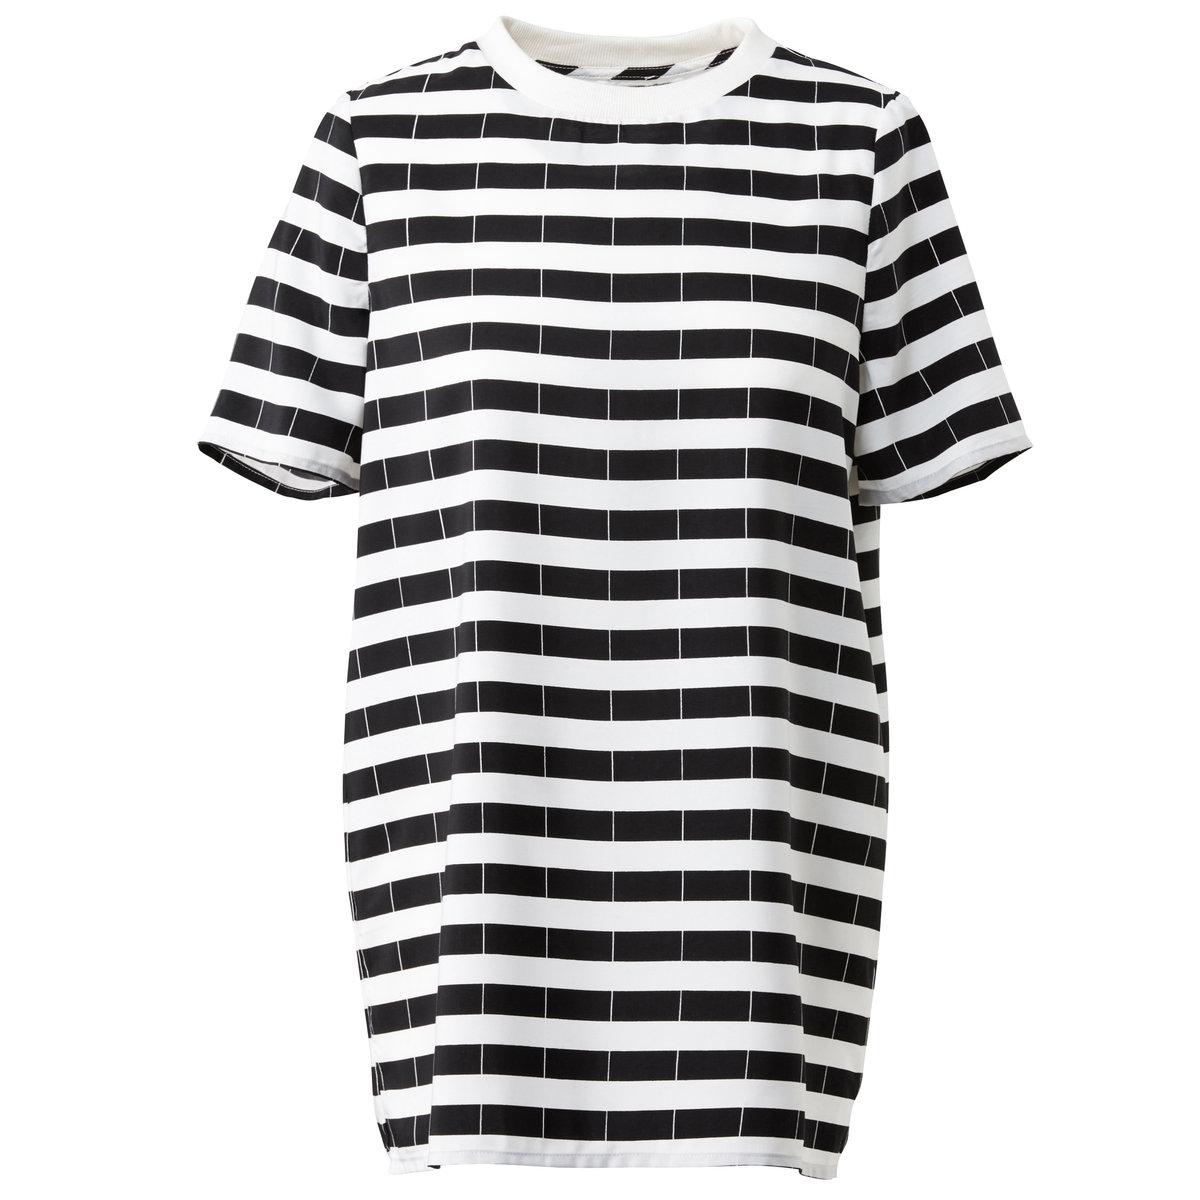 Блузка с короткими рукавамиБлузка из 100% полиэстера. Воротник из белого трикотажа. Короткие рукава. Длина 68 см.<br><br>Цвет: черный + белый<br>Размер: 36 (FR) - 42 (RUS).34 (FR) - 40 (RUS)